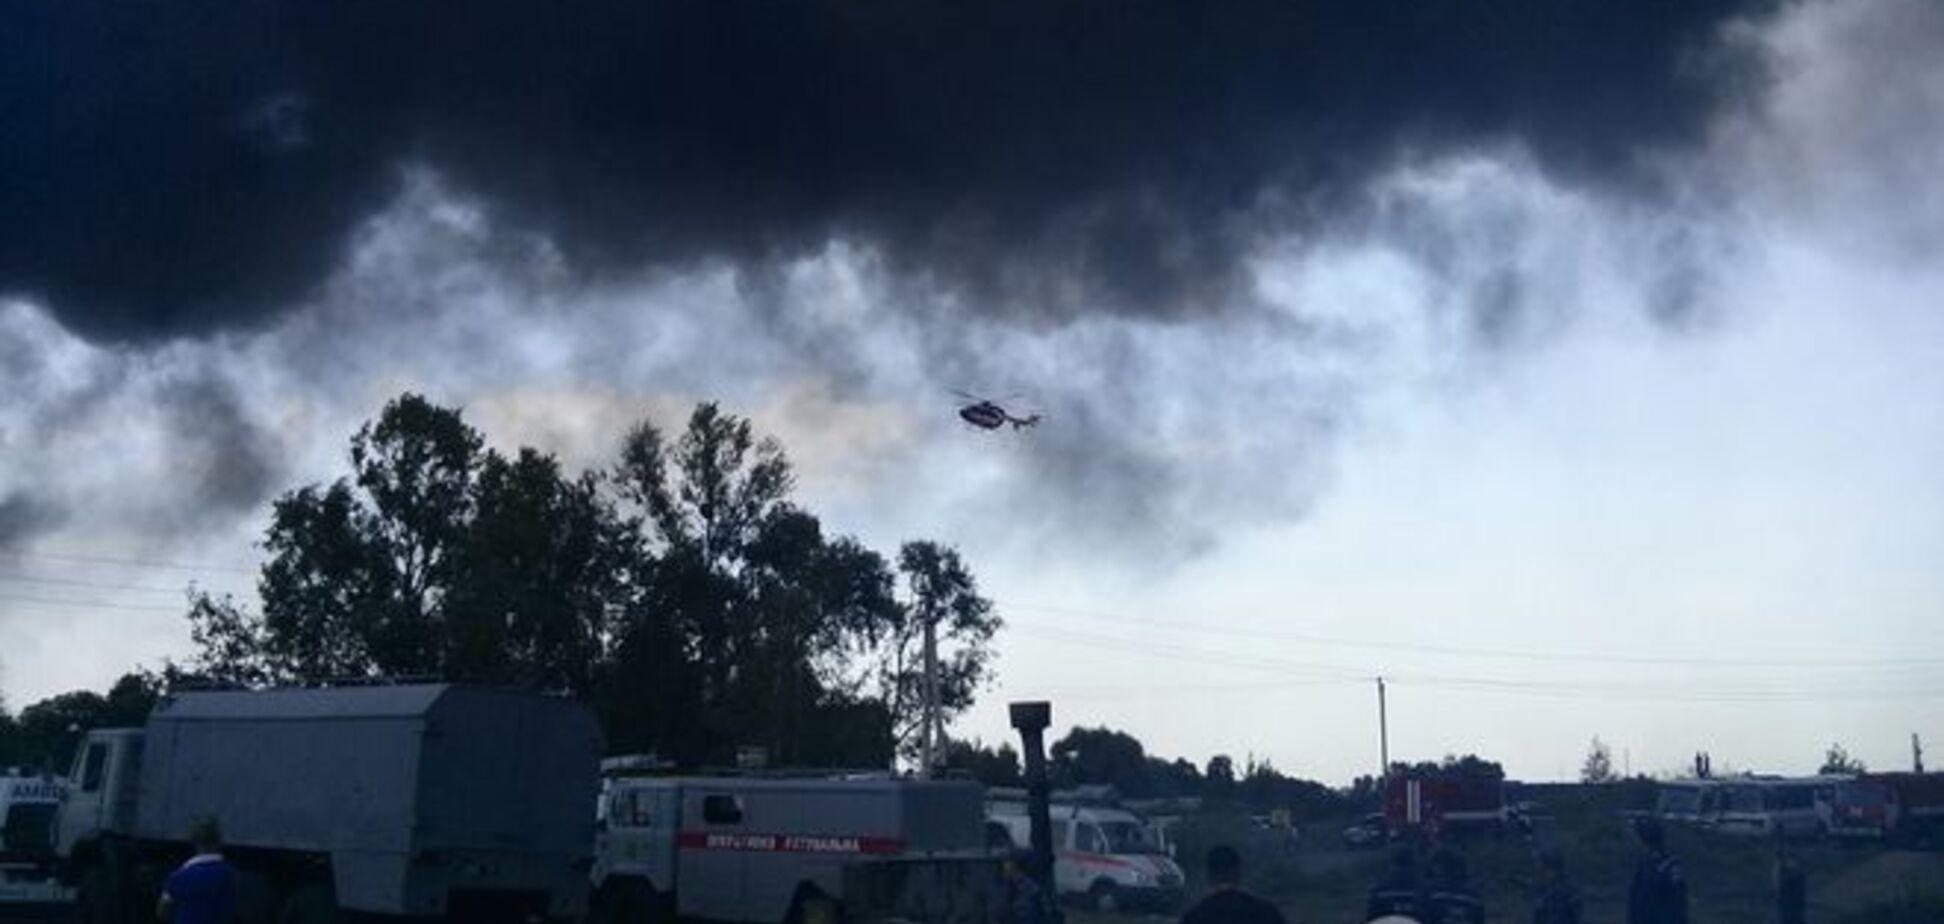 Пожар в Василькове: хозяев нефтебазы предупреждали о нарушении пожарных норм